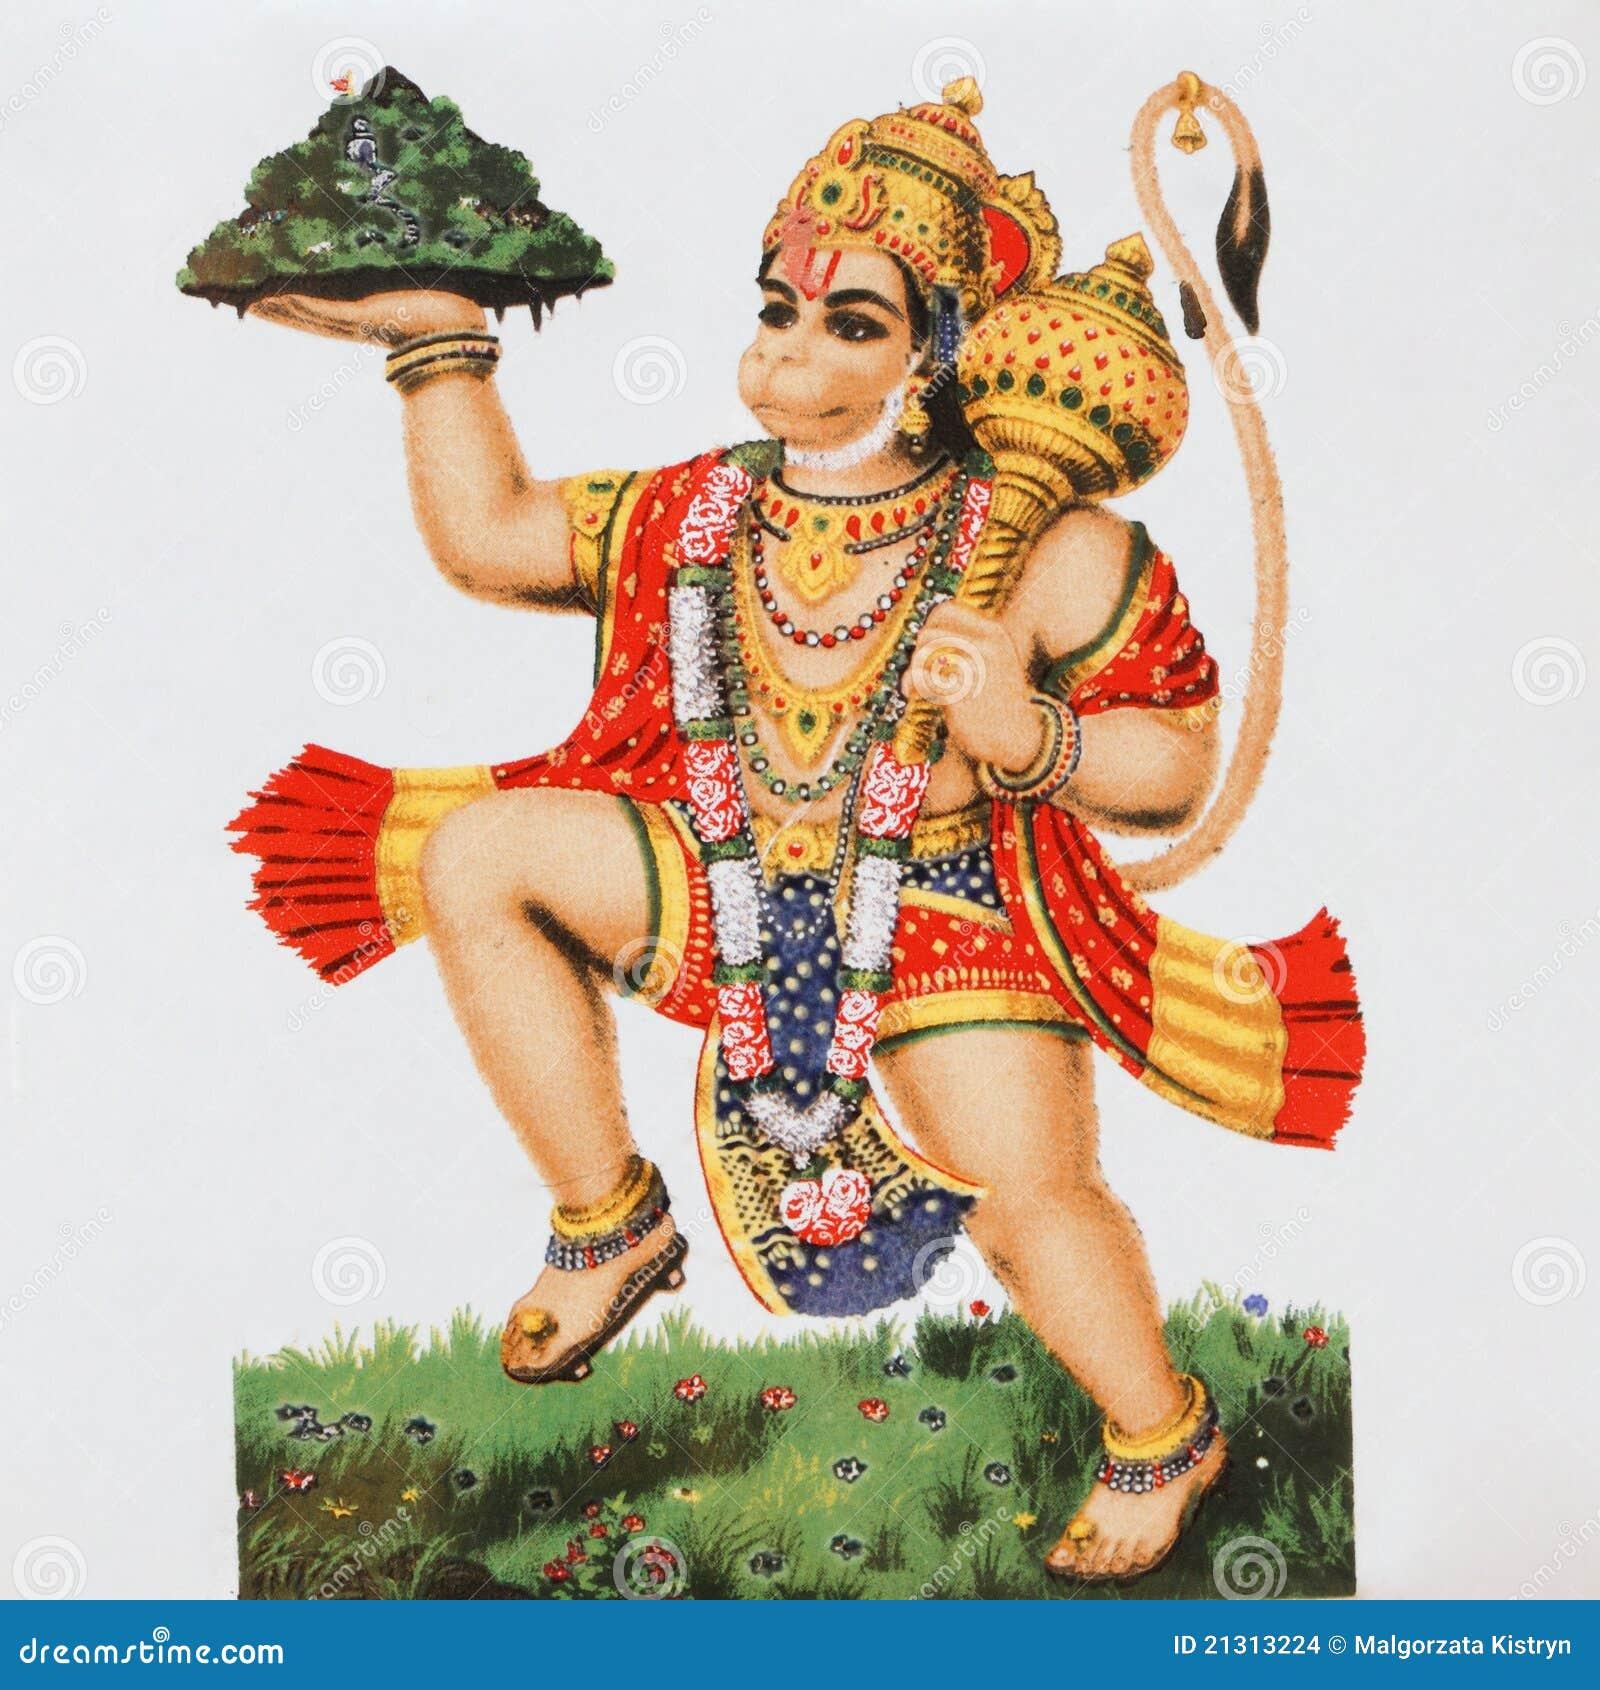 Ceramic tile with image of hindu deity Hanuman ( Monkey God).